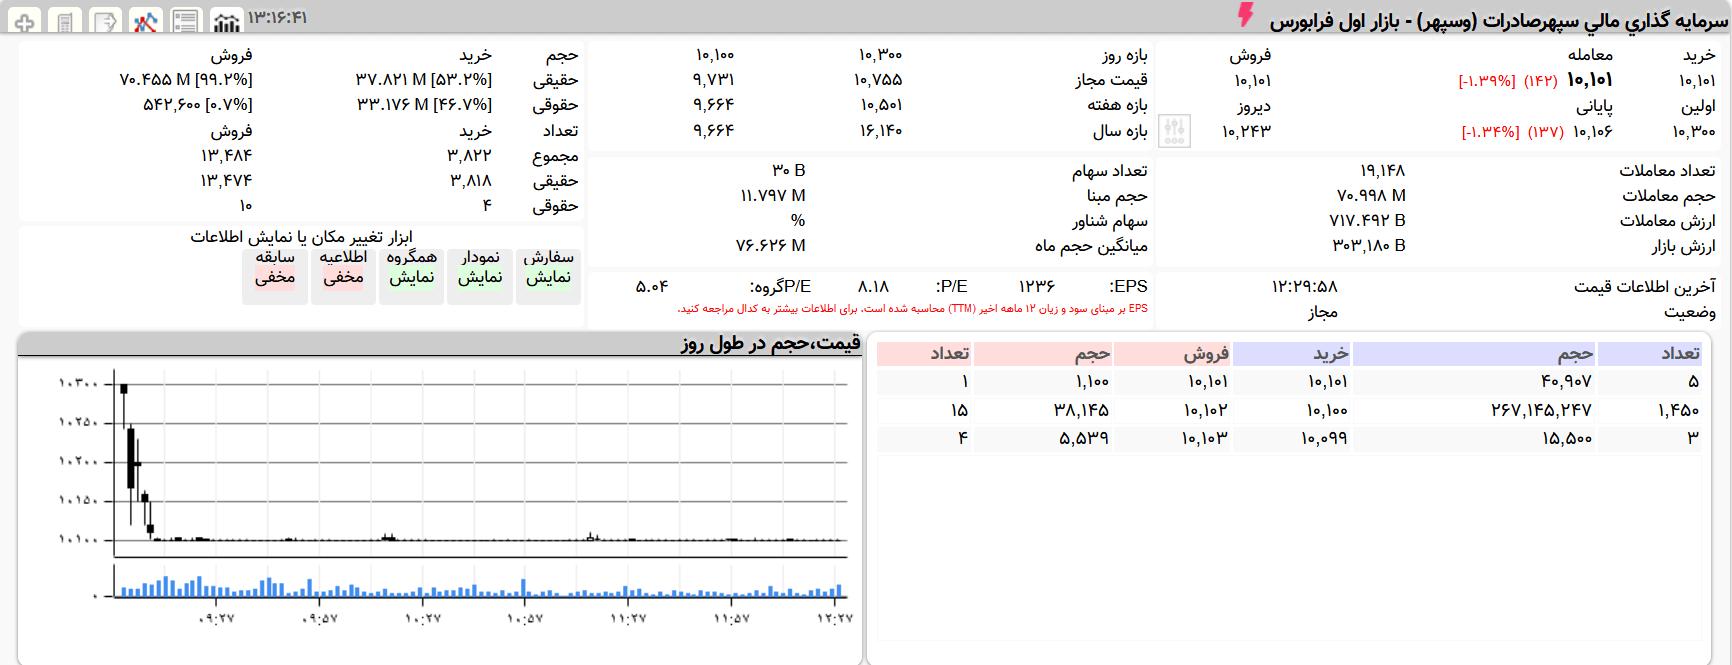 وسپهر99.11.20